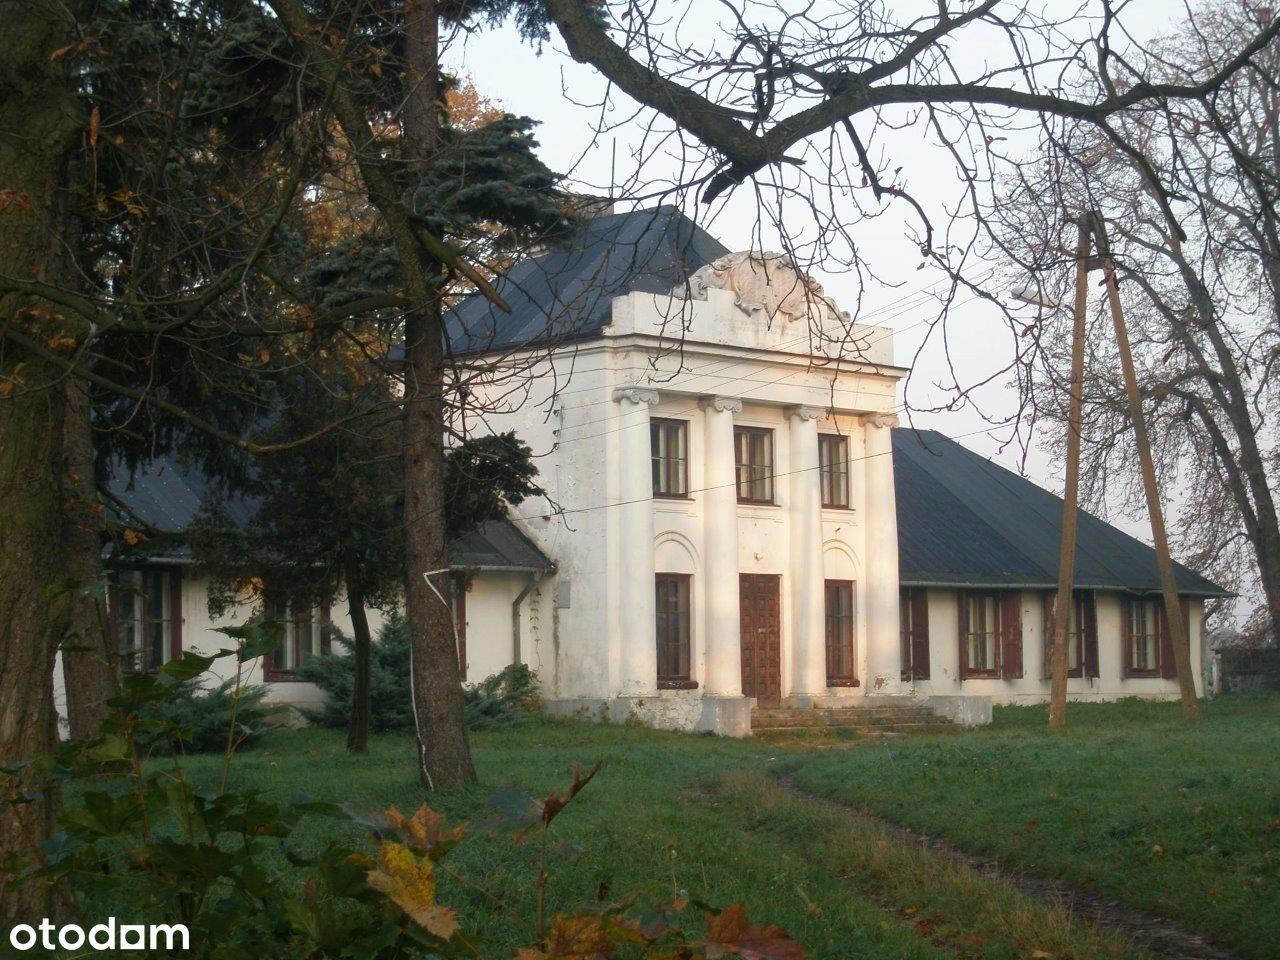 Dwór z XIX wieku na Mazowszu